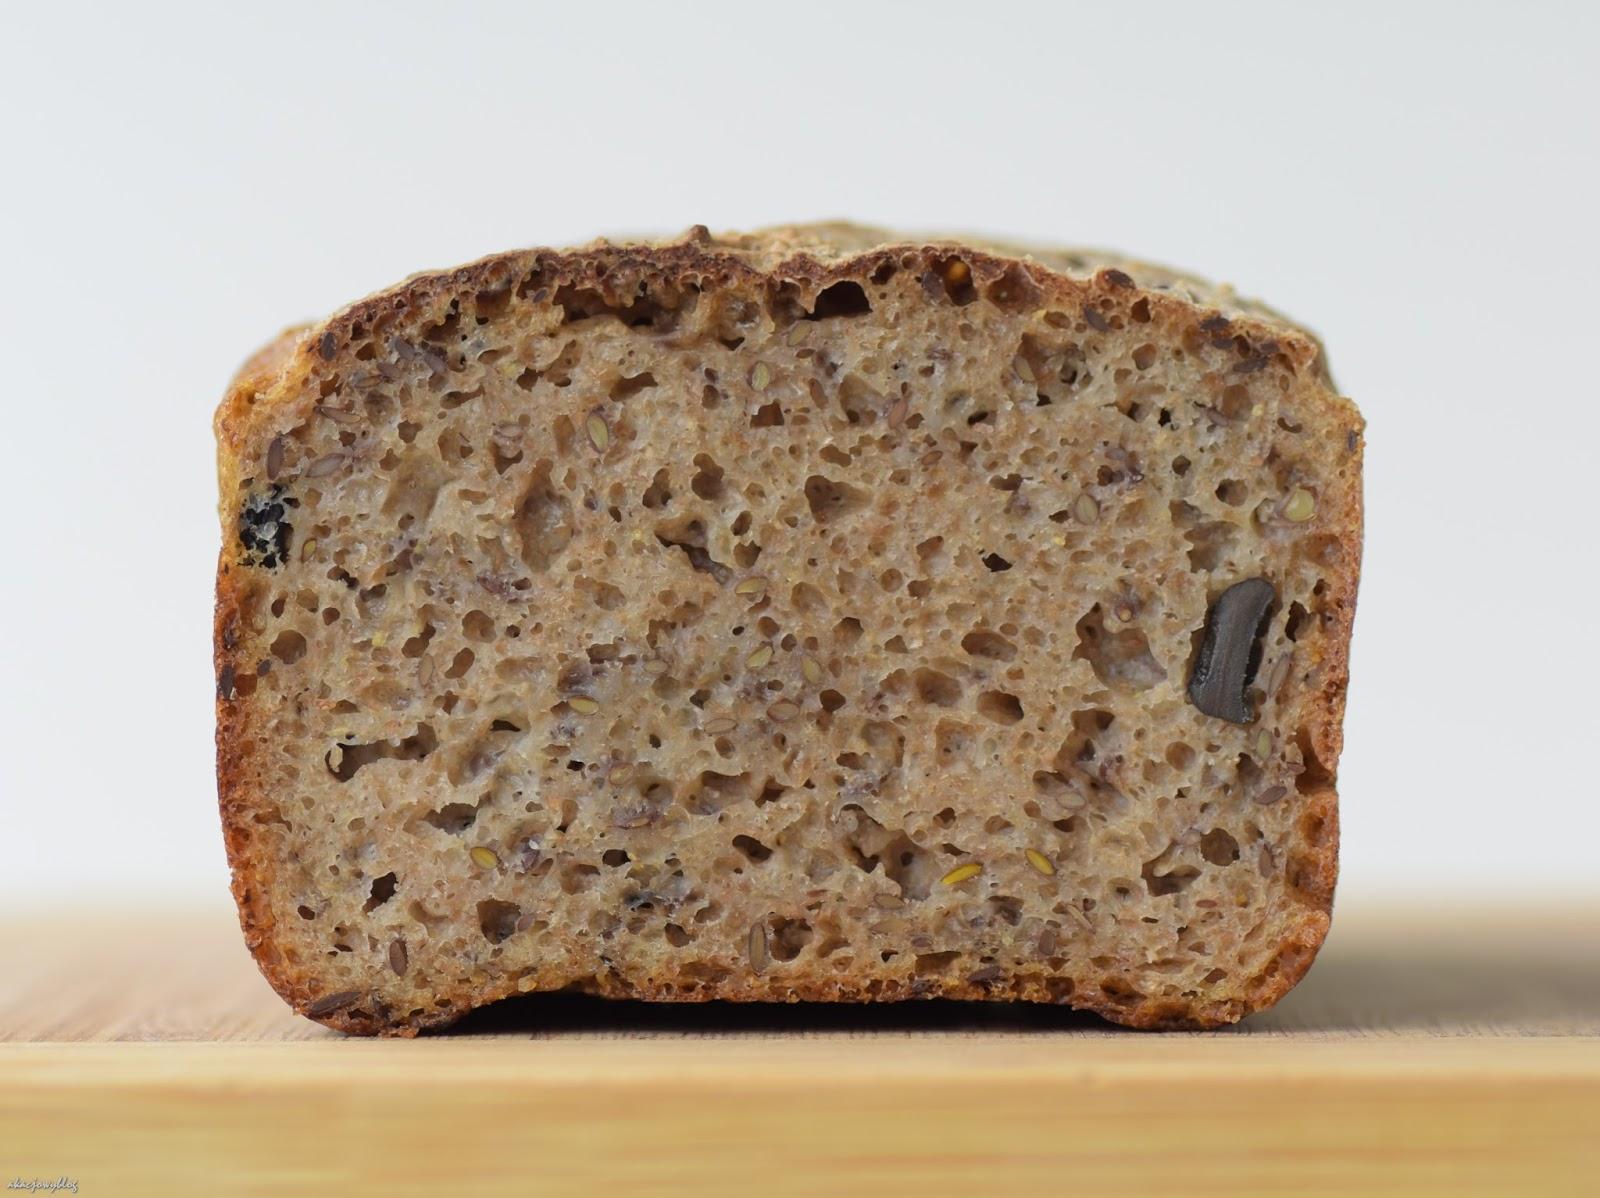 Chleb mieszany na miodzie z oliwkami i rzadki gość w zielonym fraku.